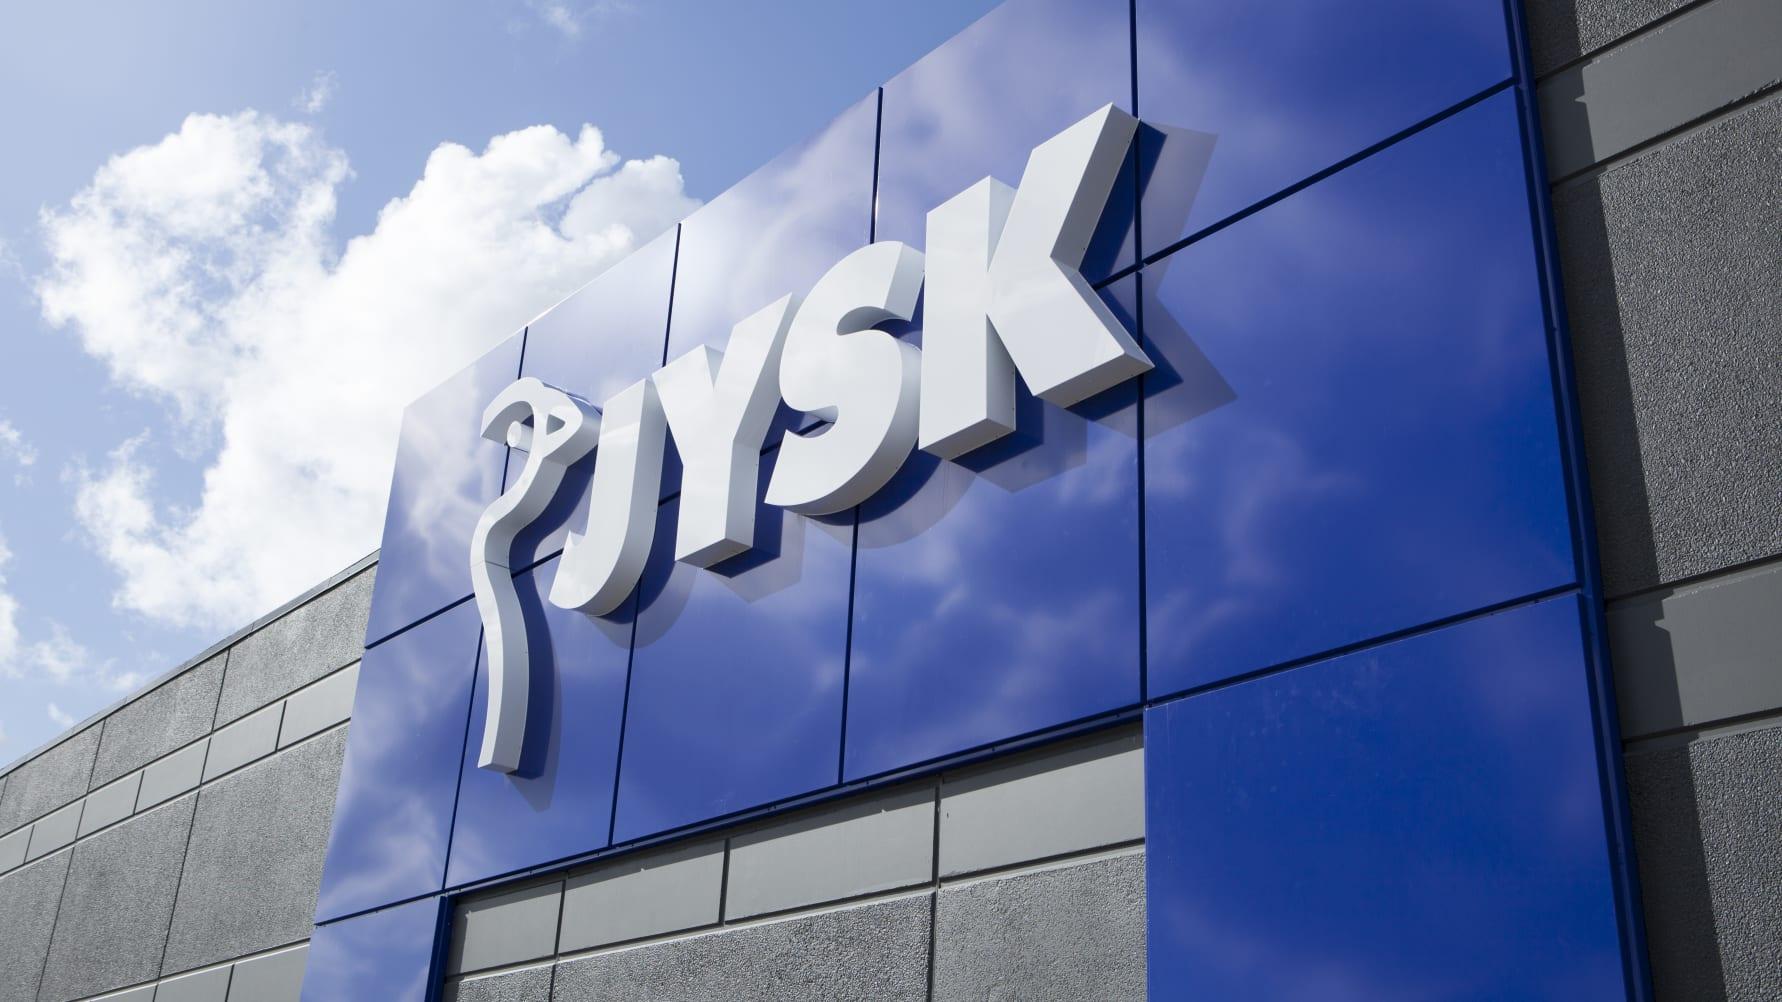 Відкриття нового JYSK відбудеться в ТРЦ Blockbuster Mall